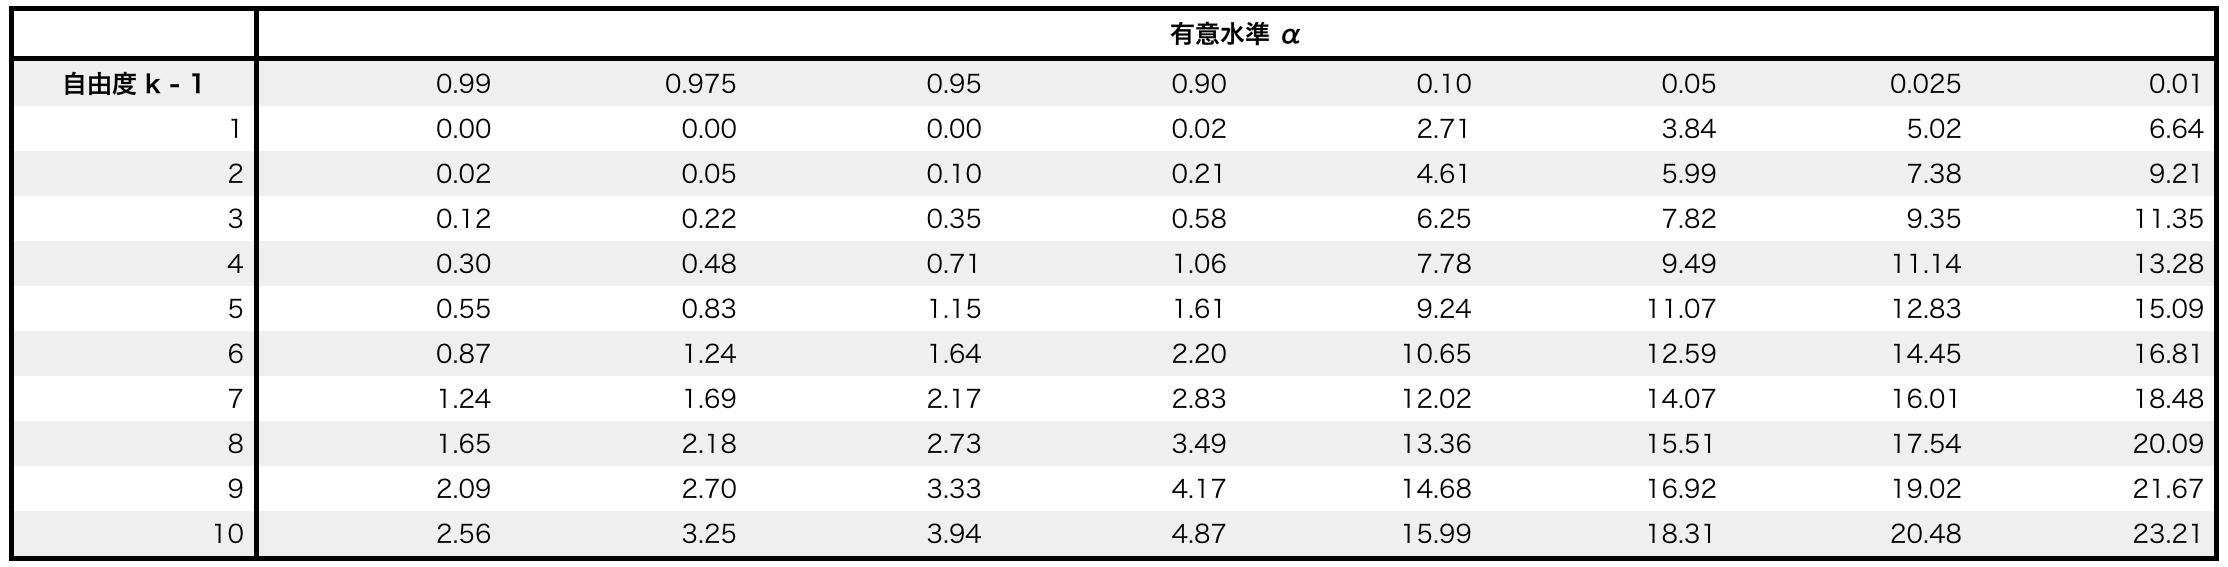 カイ二乗分布表とその見方